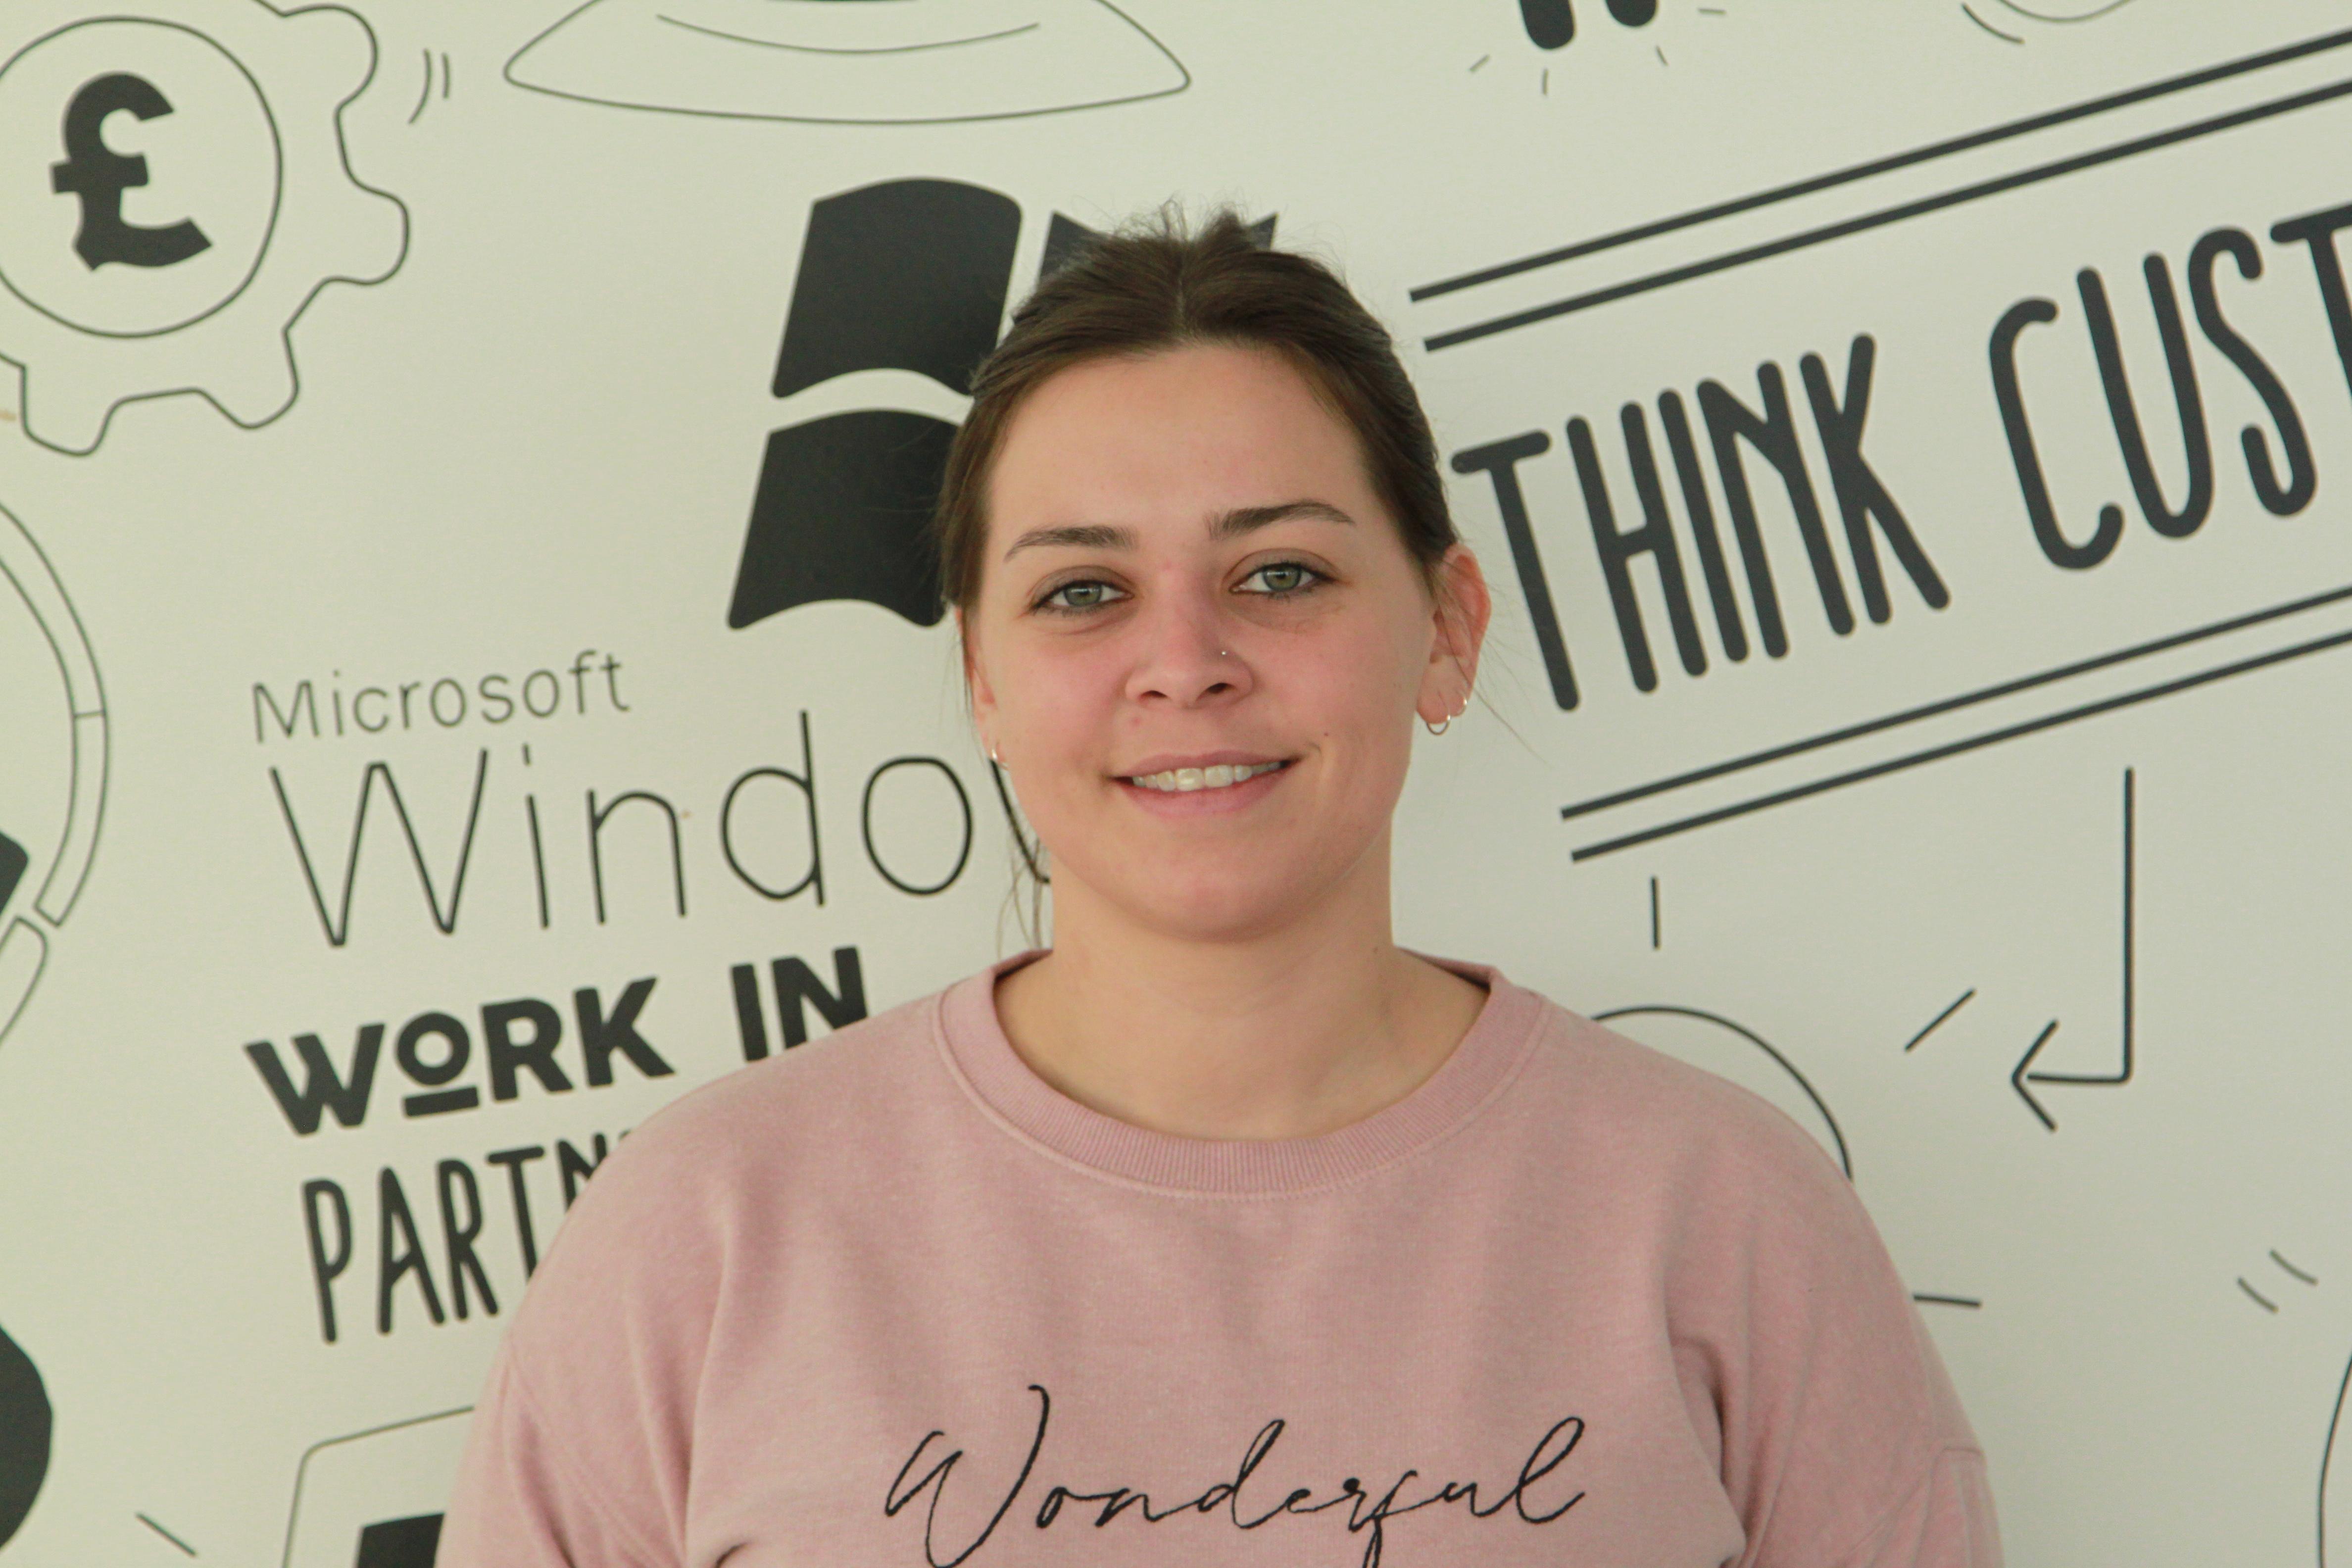 Katie Shepherd Brand Manager